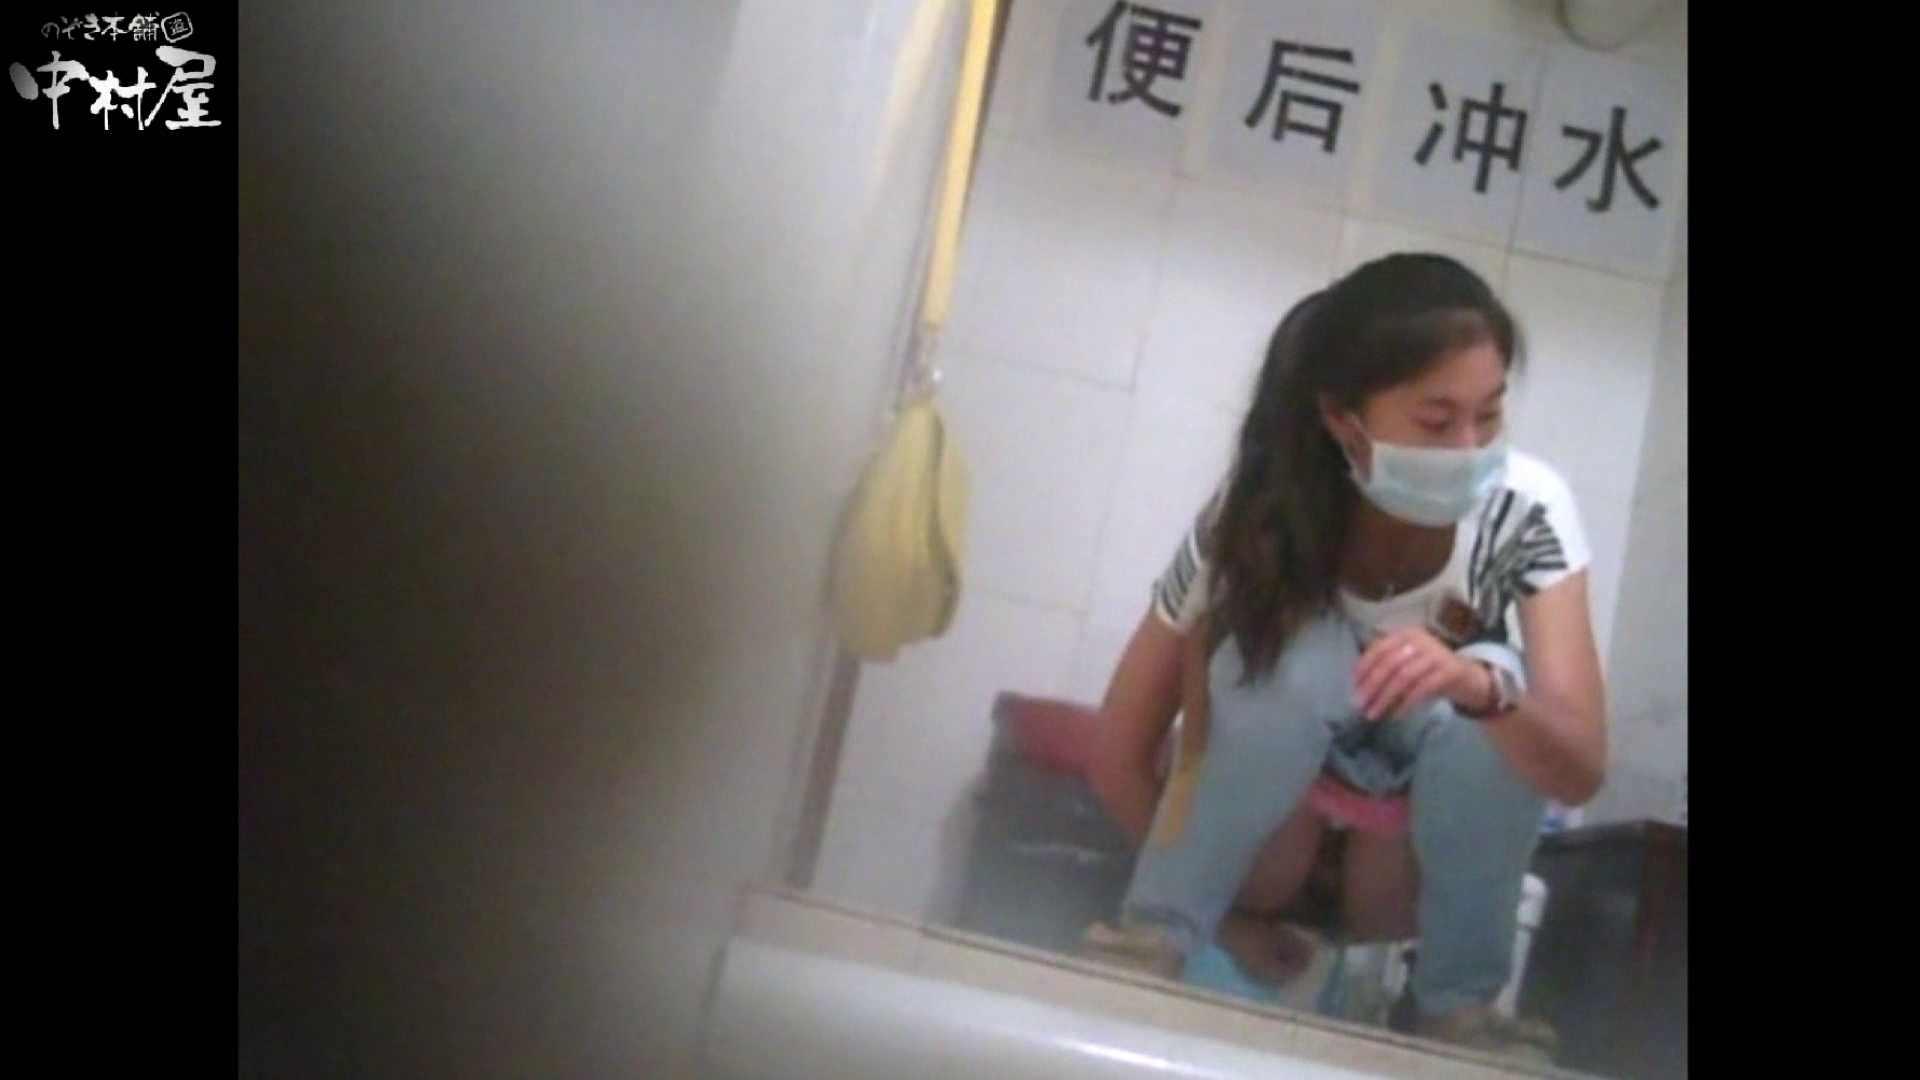 李さんの盗撮日記 Vol.13 盗撮 おまんこ動画流出 109画像 12